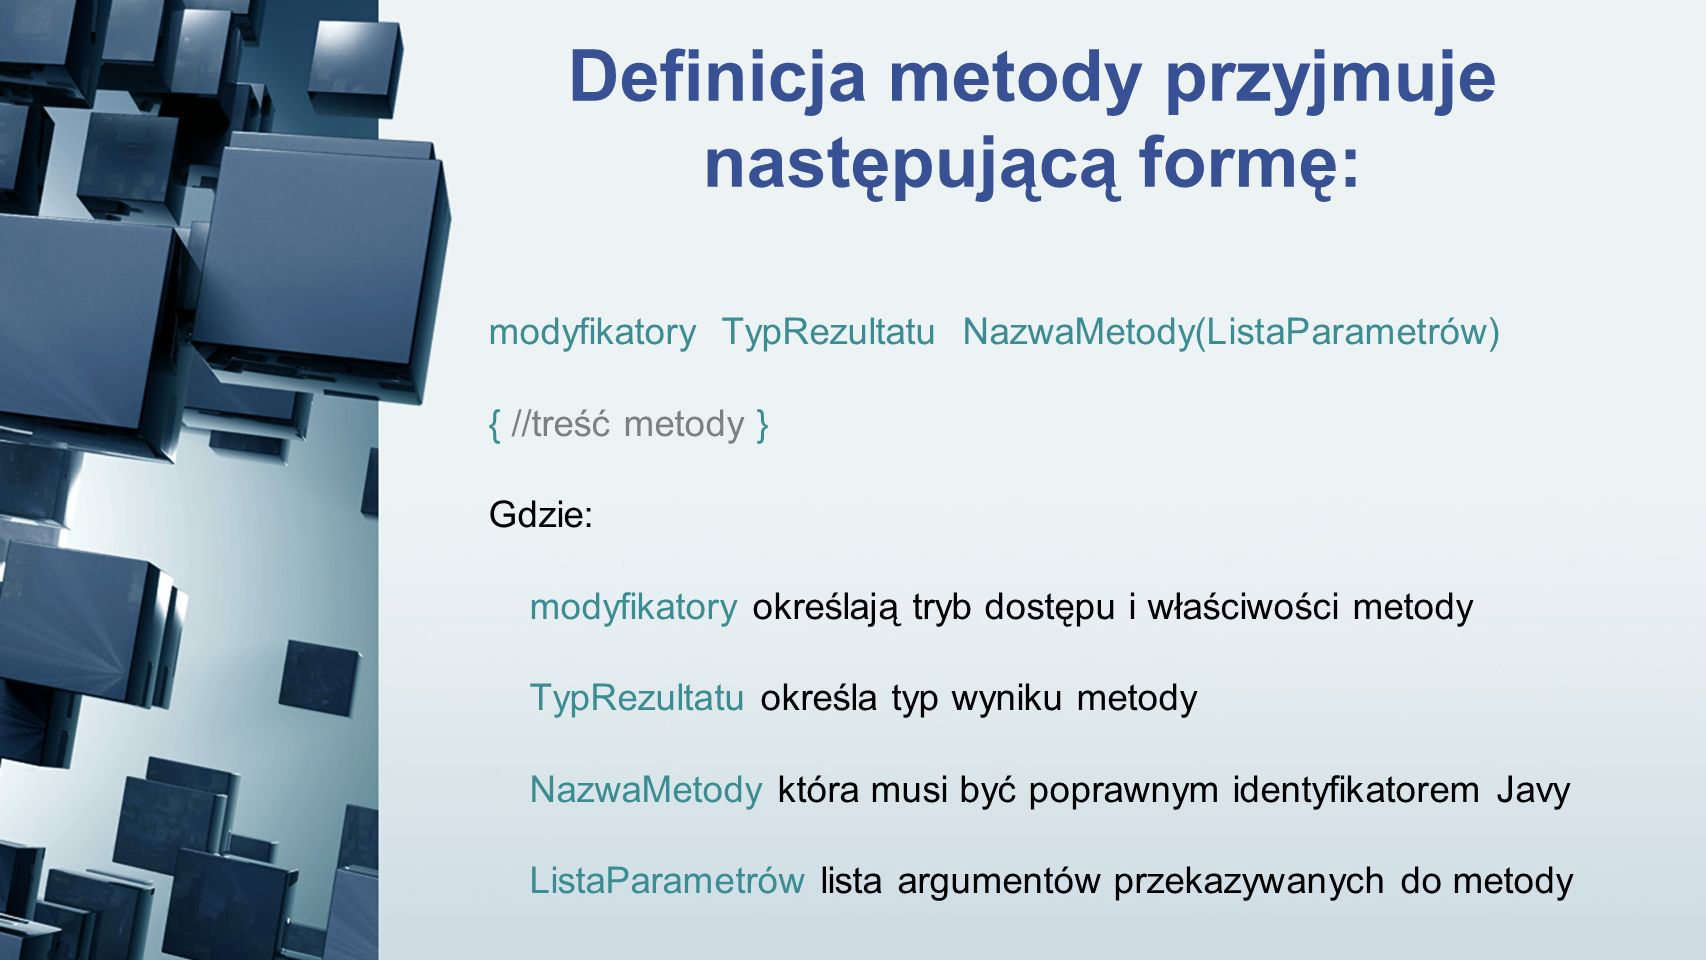 Definicja metody przyjmuje następującą formę: